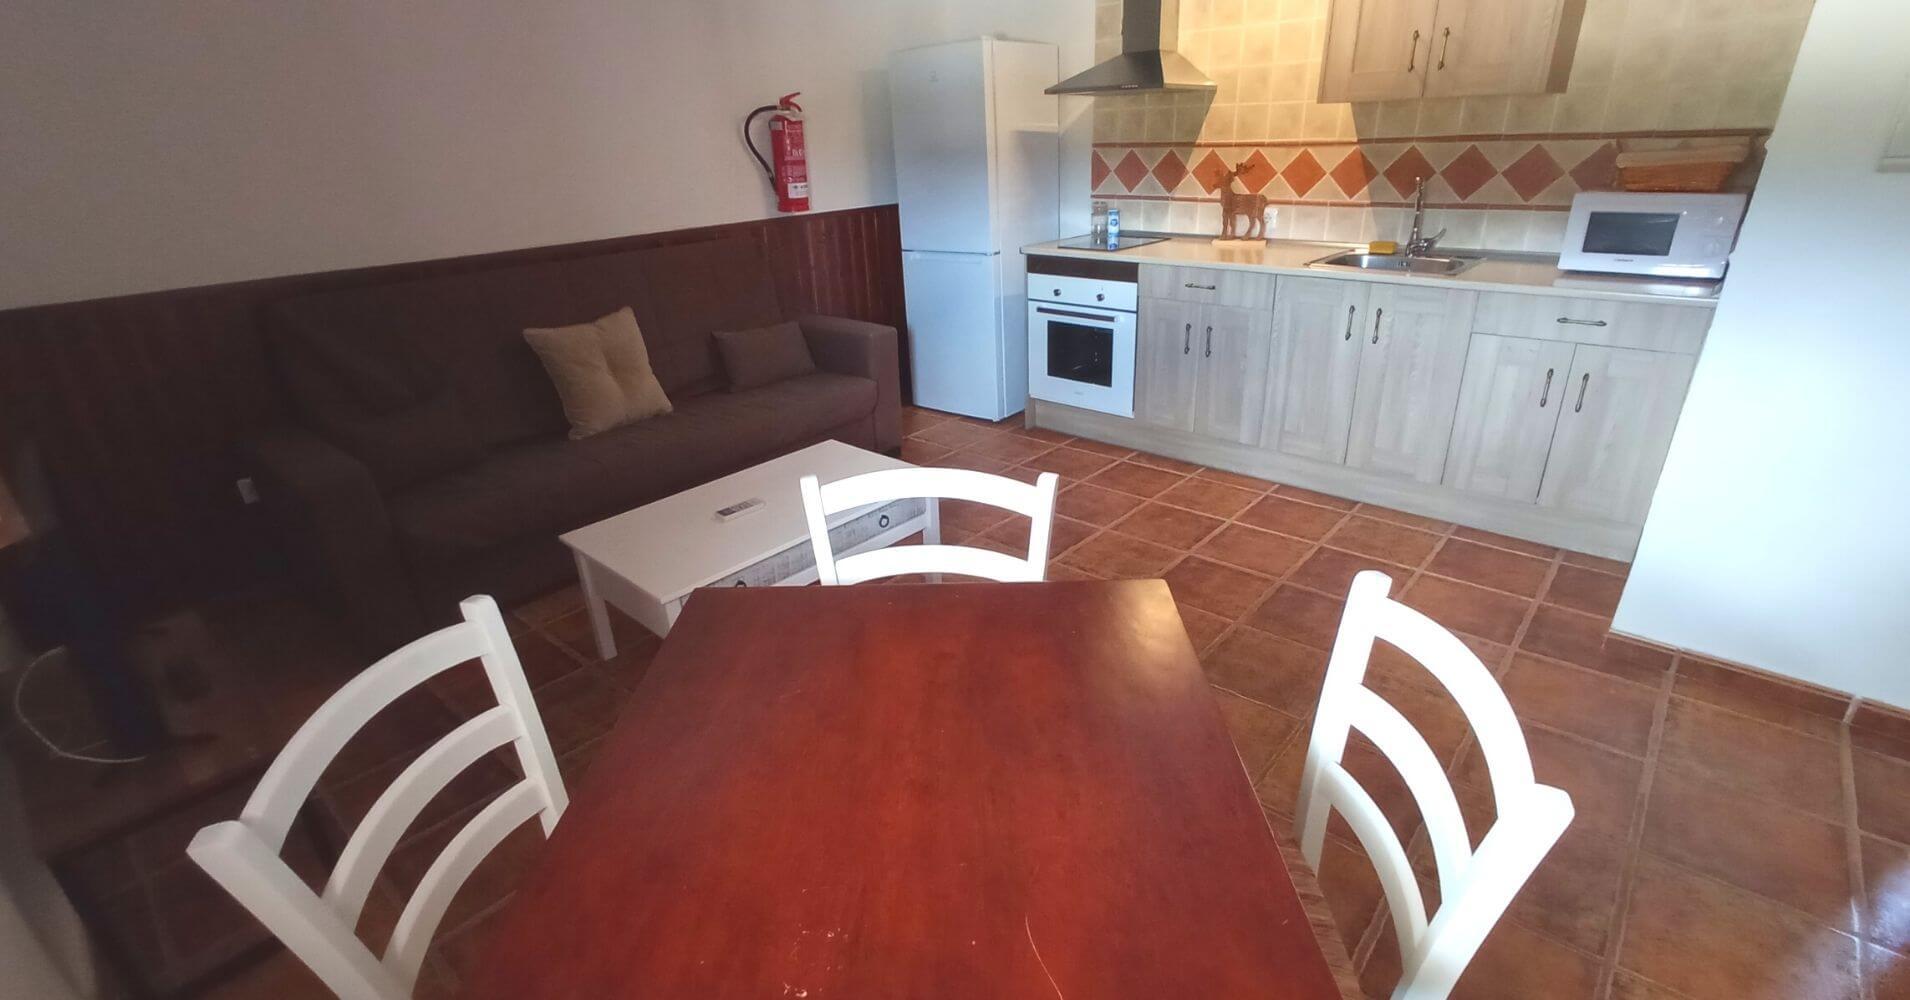 Apartamento Casa Rural Los Porches. Sierra de Madridejos. Montes de Toledo. Madridejos. Toledo. Castilla La Mancha.